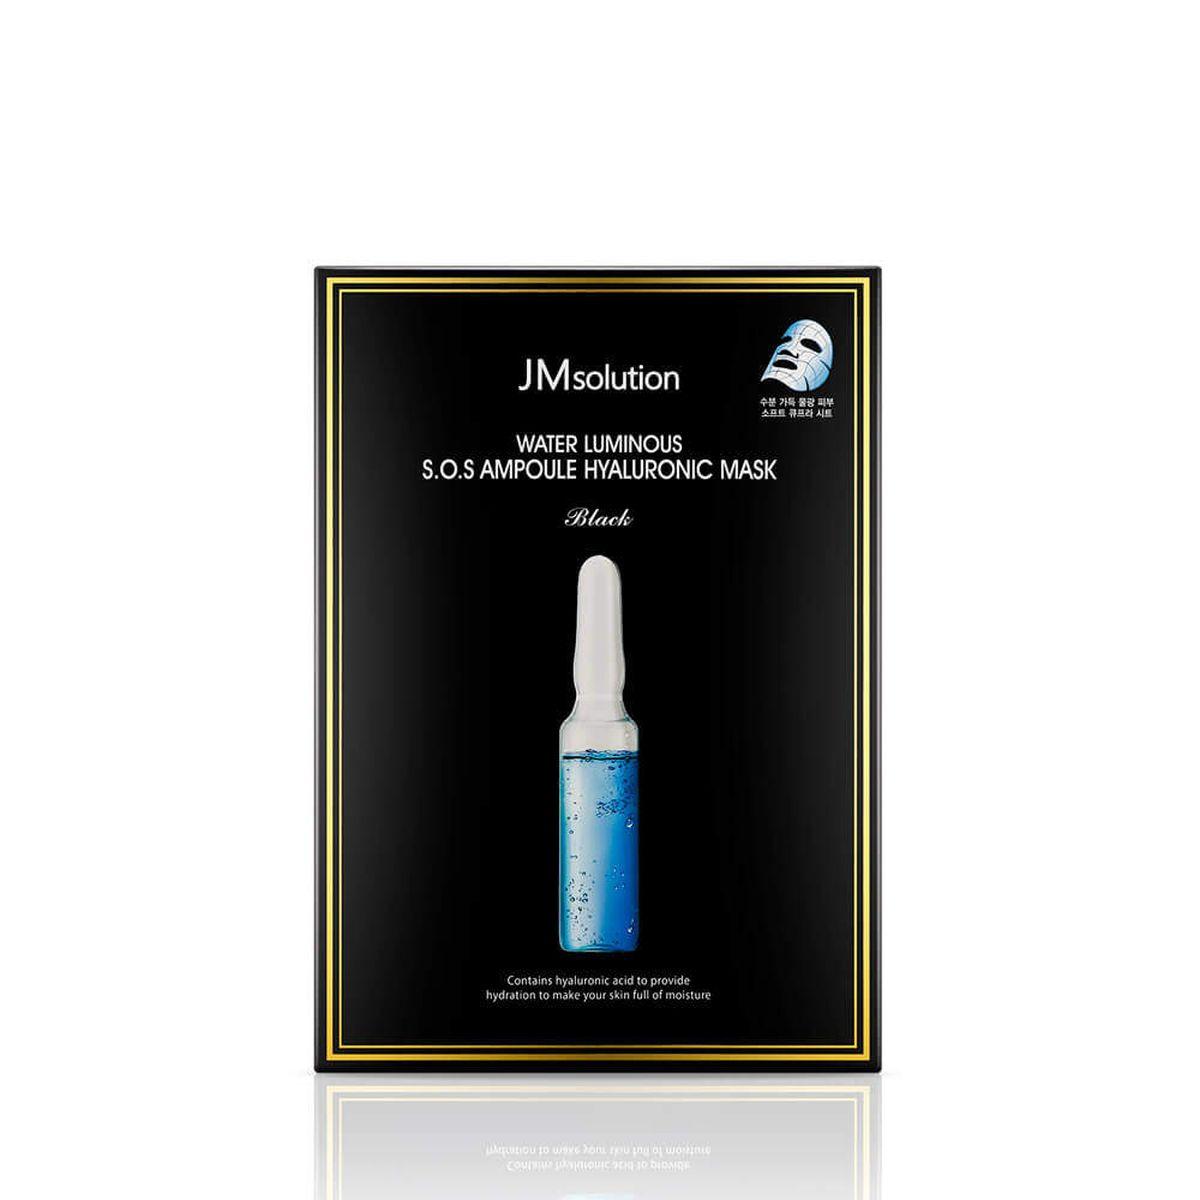 Ультраувлажняющая тканевая маска JMsolution Water Luminous S.O.S. Ampoule Hyaluronic Mask - 35 мл